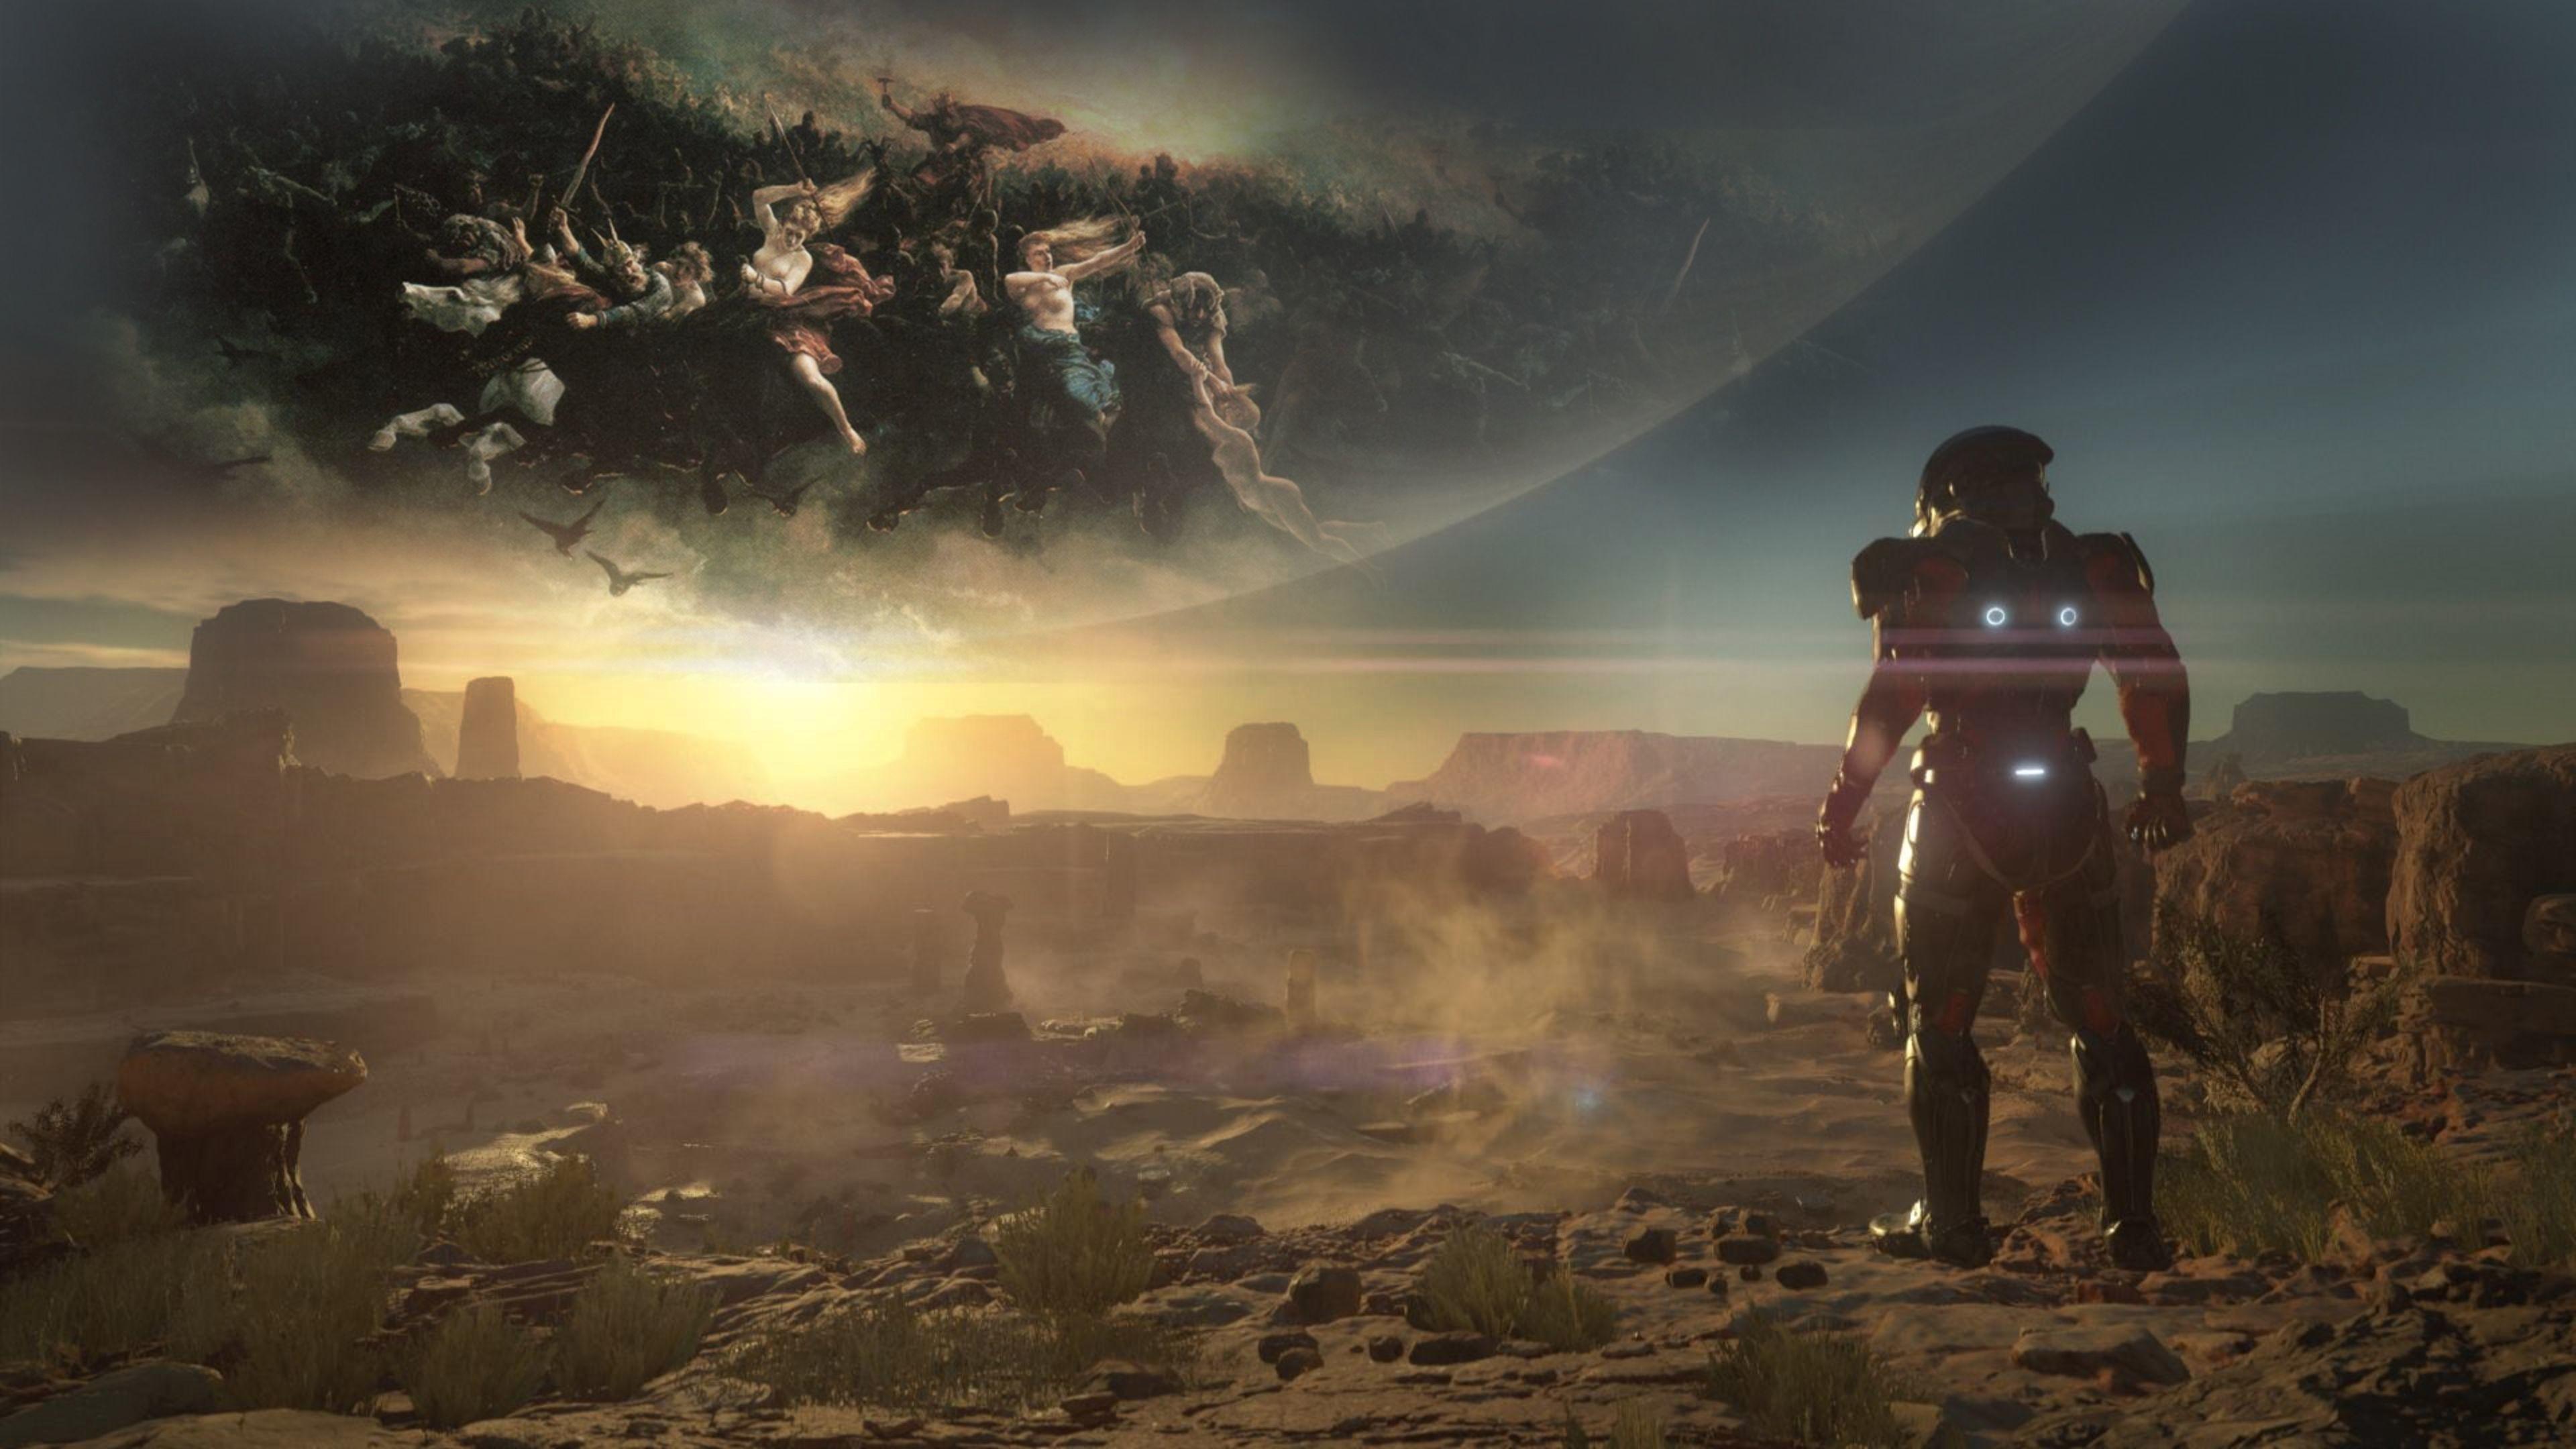 Mass Effect Wallpaper 76 Images